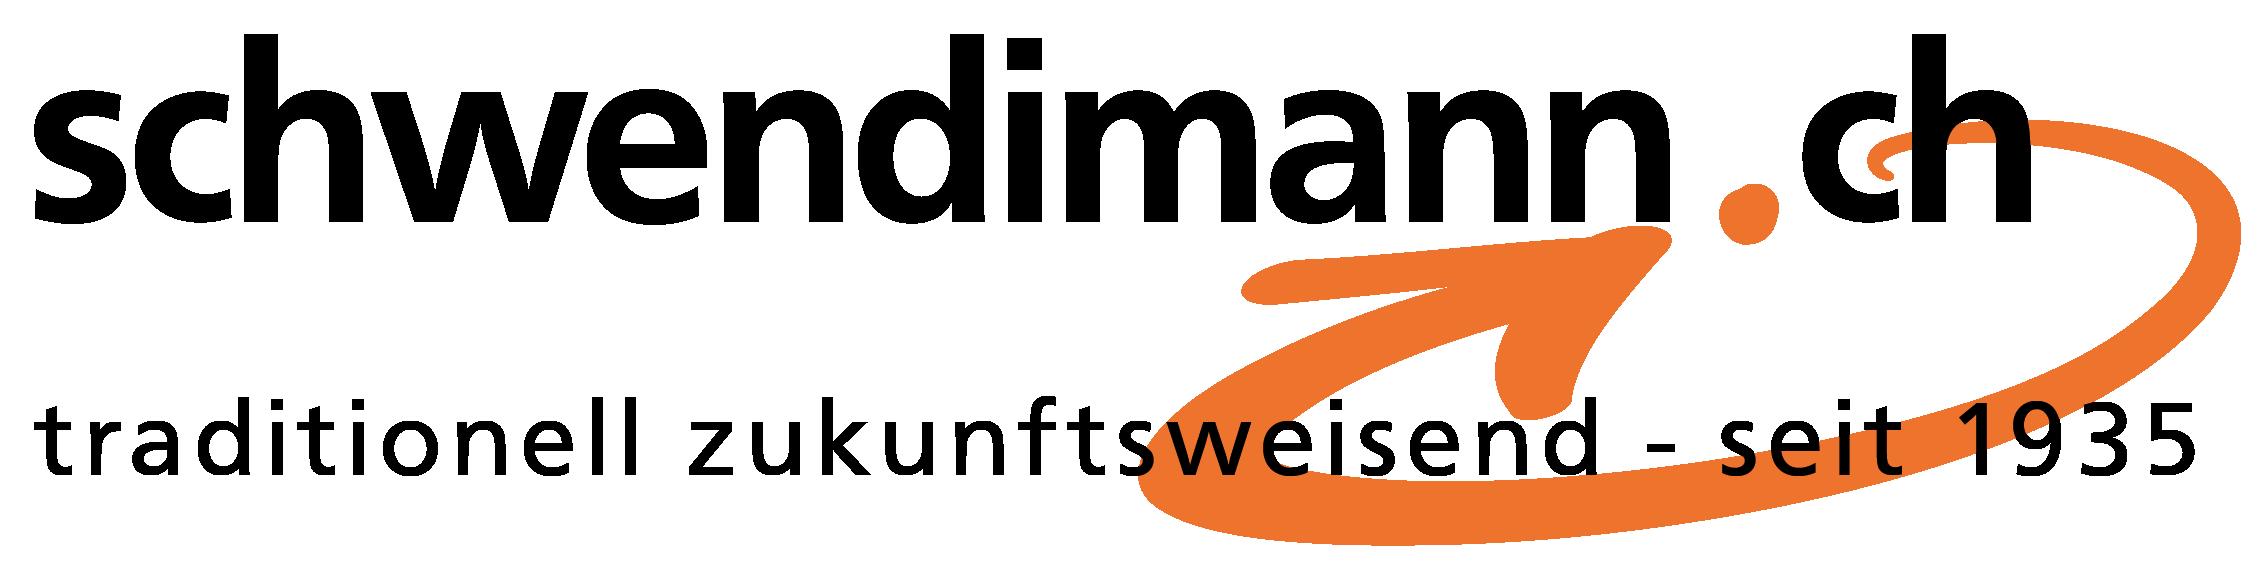 Schwendimann AG